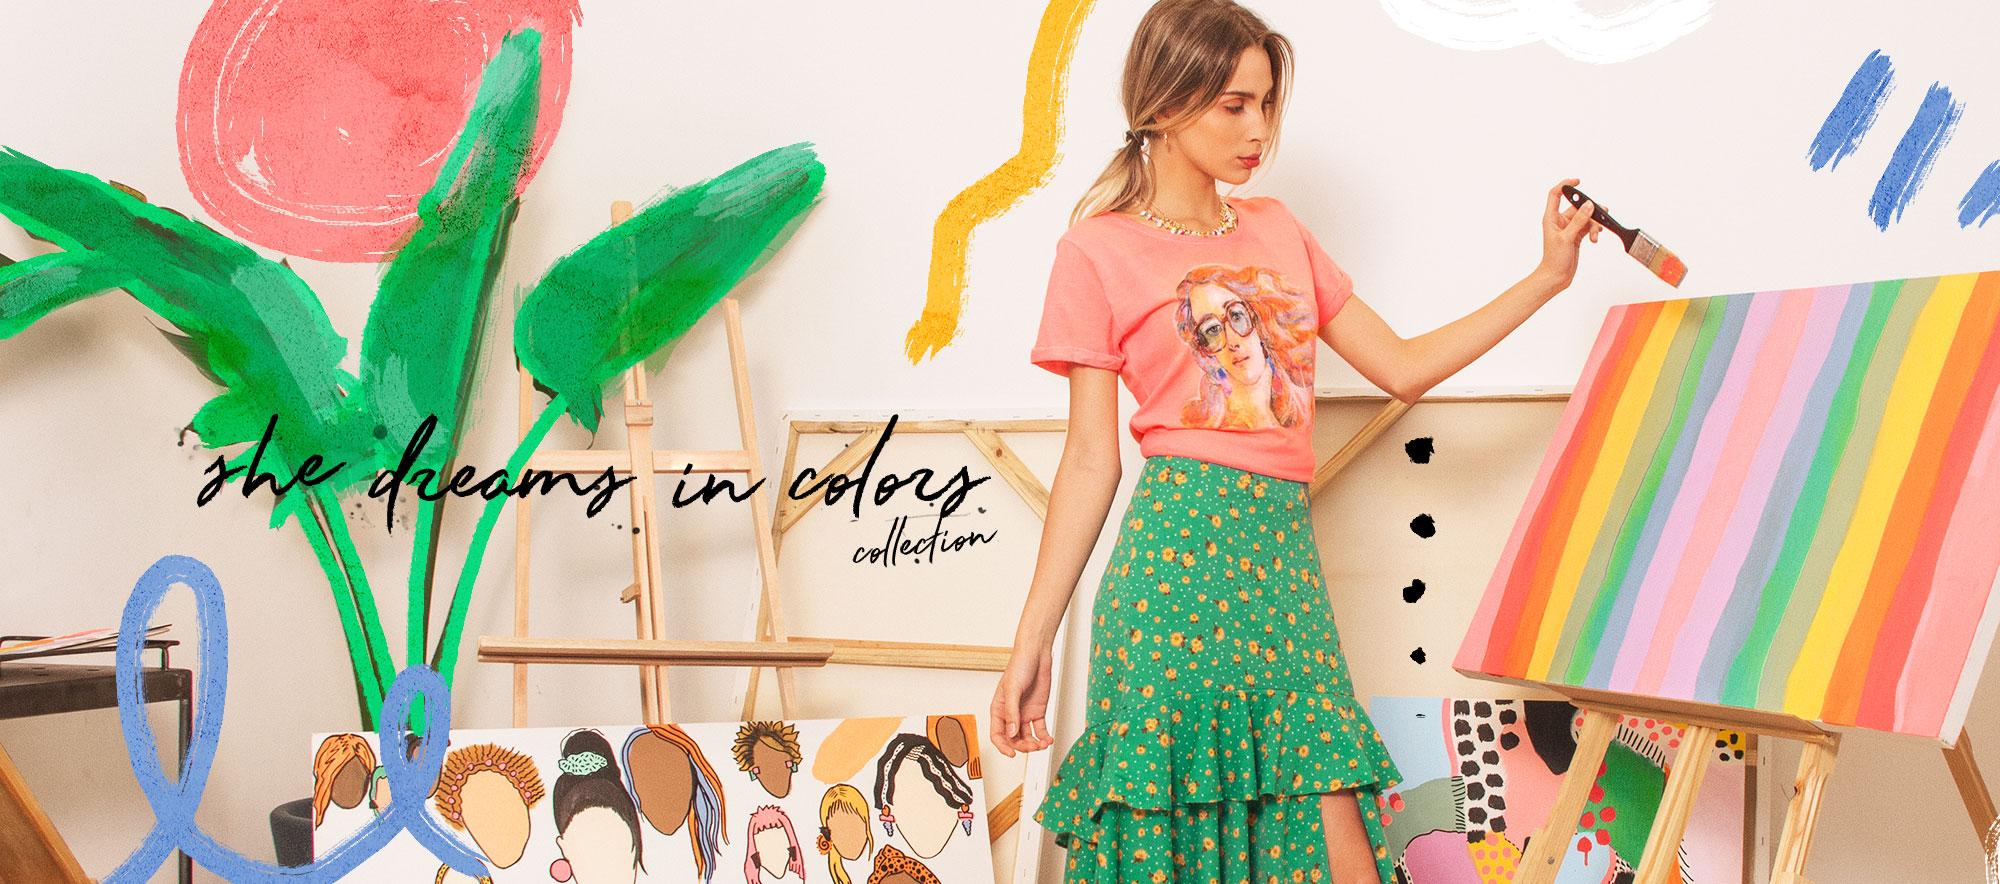 Nova Coleção She Dreams in Colors